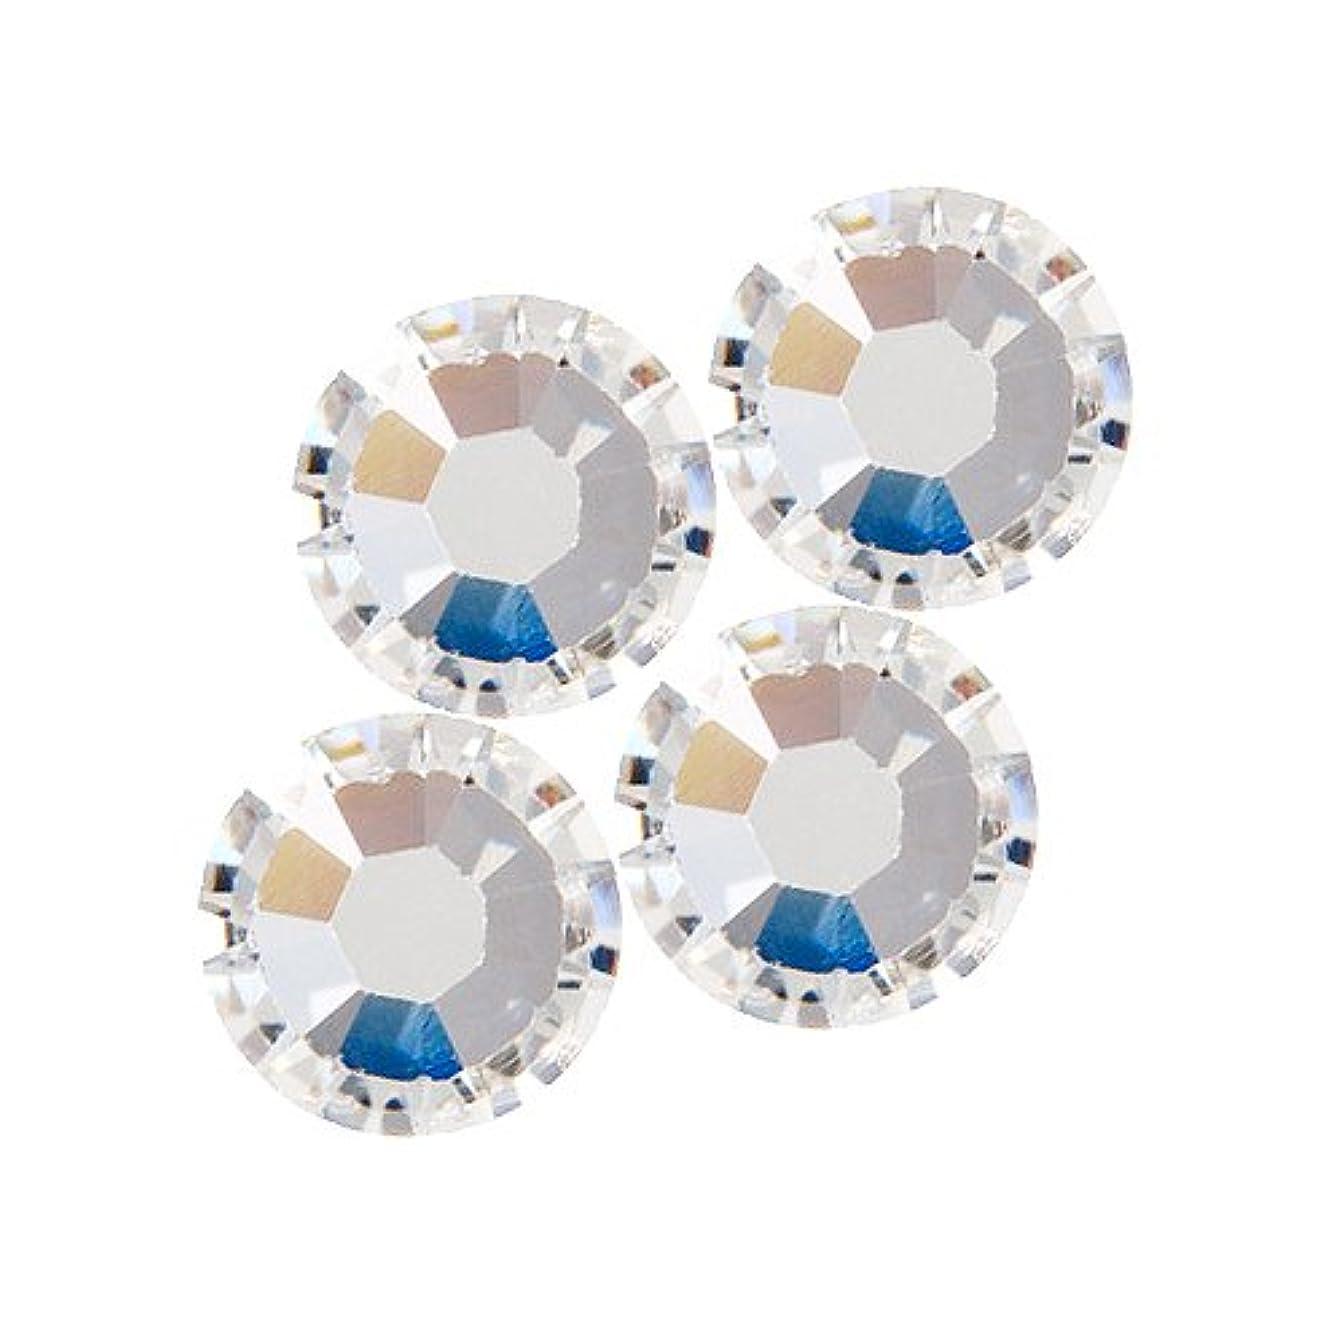 羊のランダムピューバイナル DIAMOND RHINESTONE  クリスタル SS4 1440粒 ST-SS4-CRY-10G